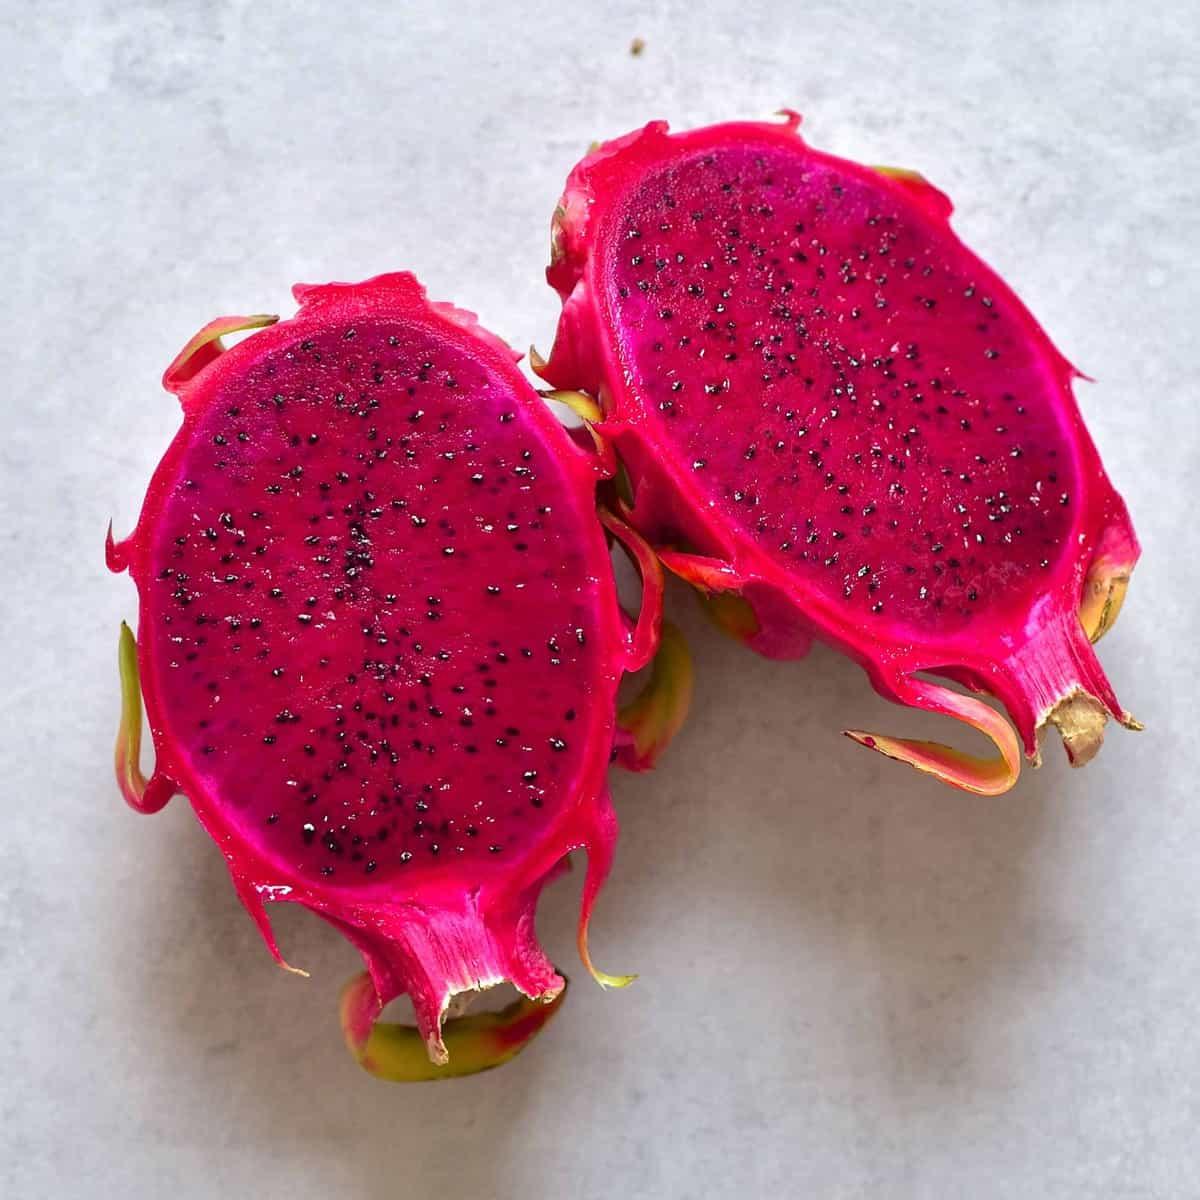 pink Dragon Fruitको लागि तस्बिर परिणाम